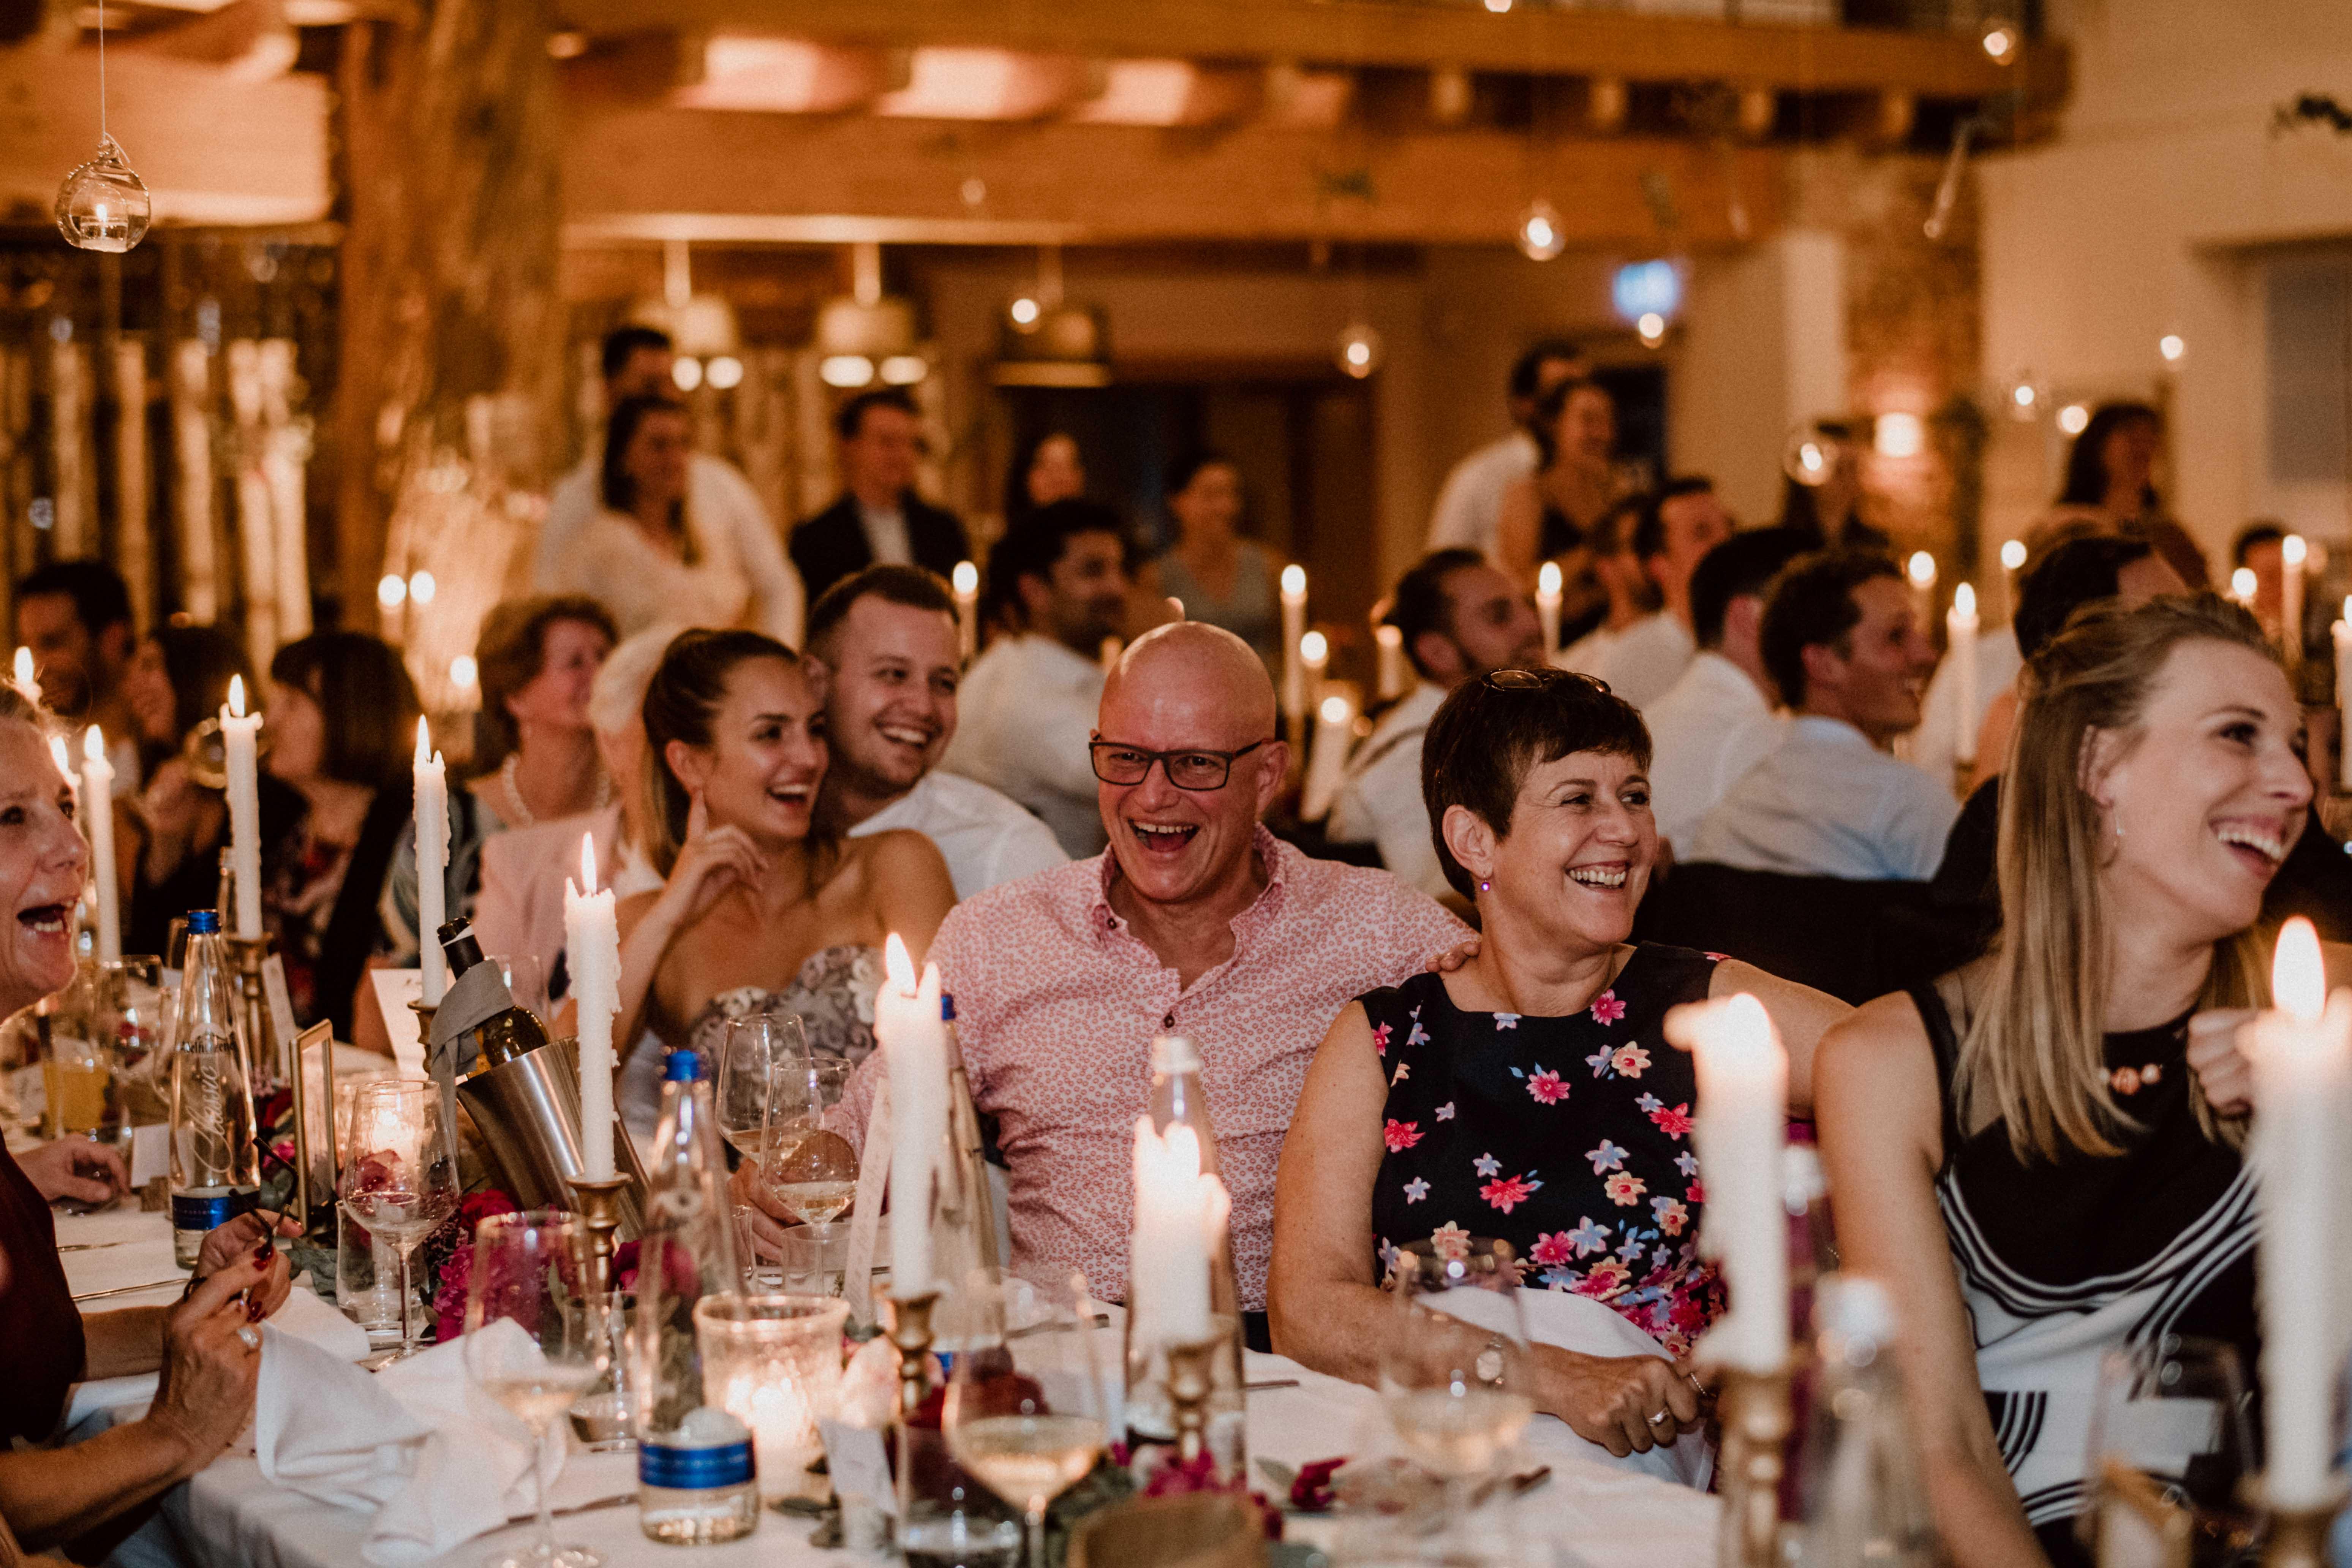 gelächter sonja poehlmann photography wedding muenchen bayern